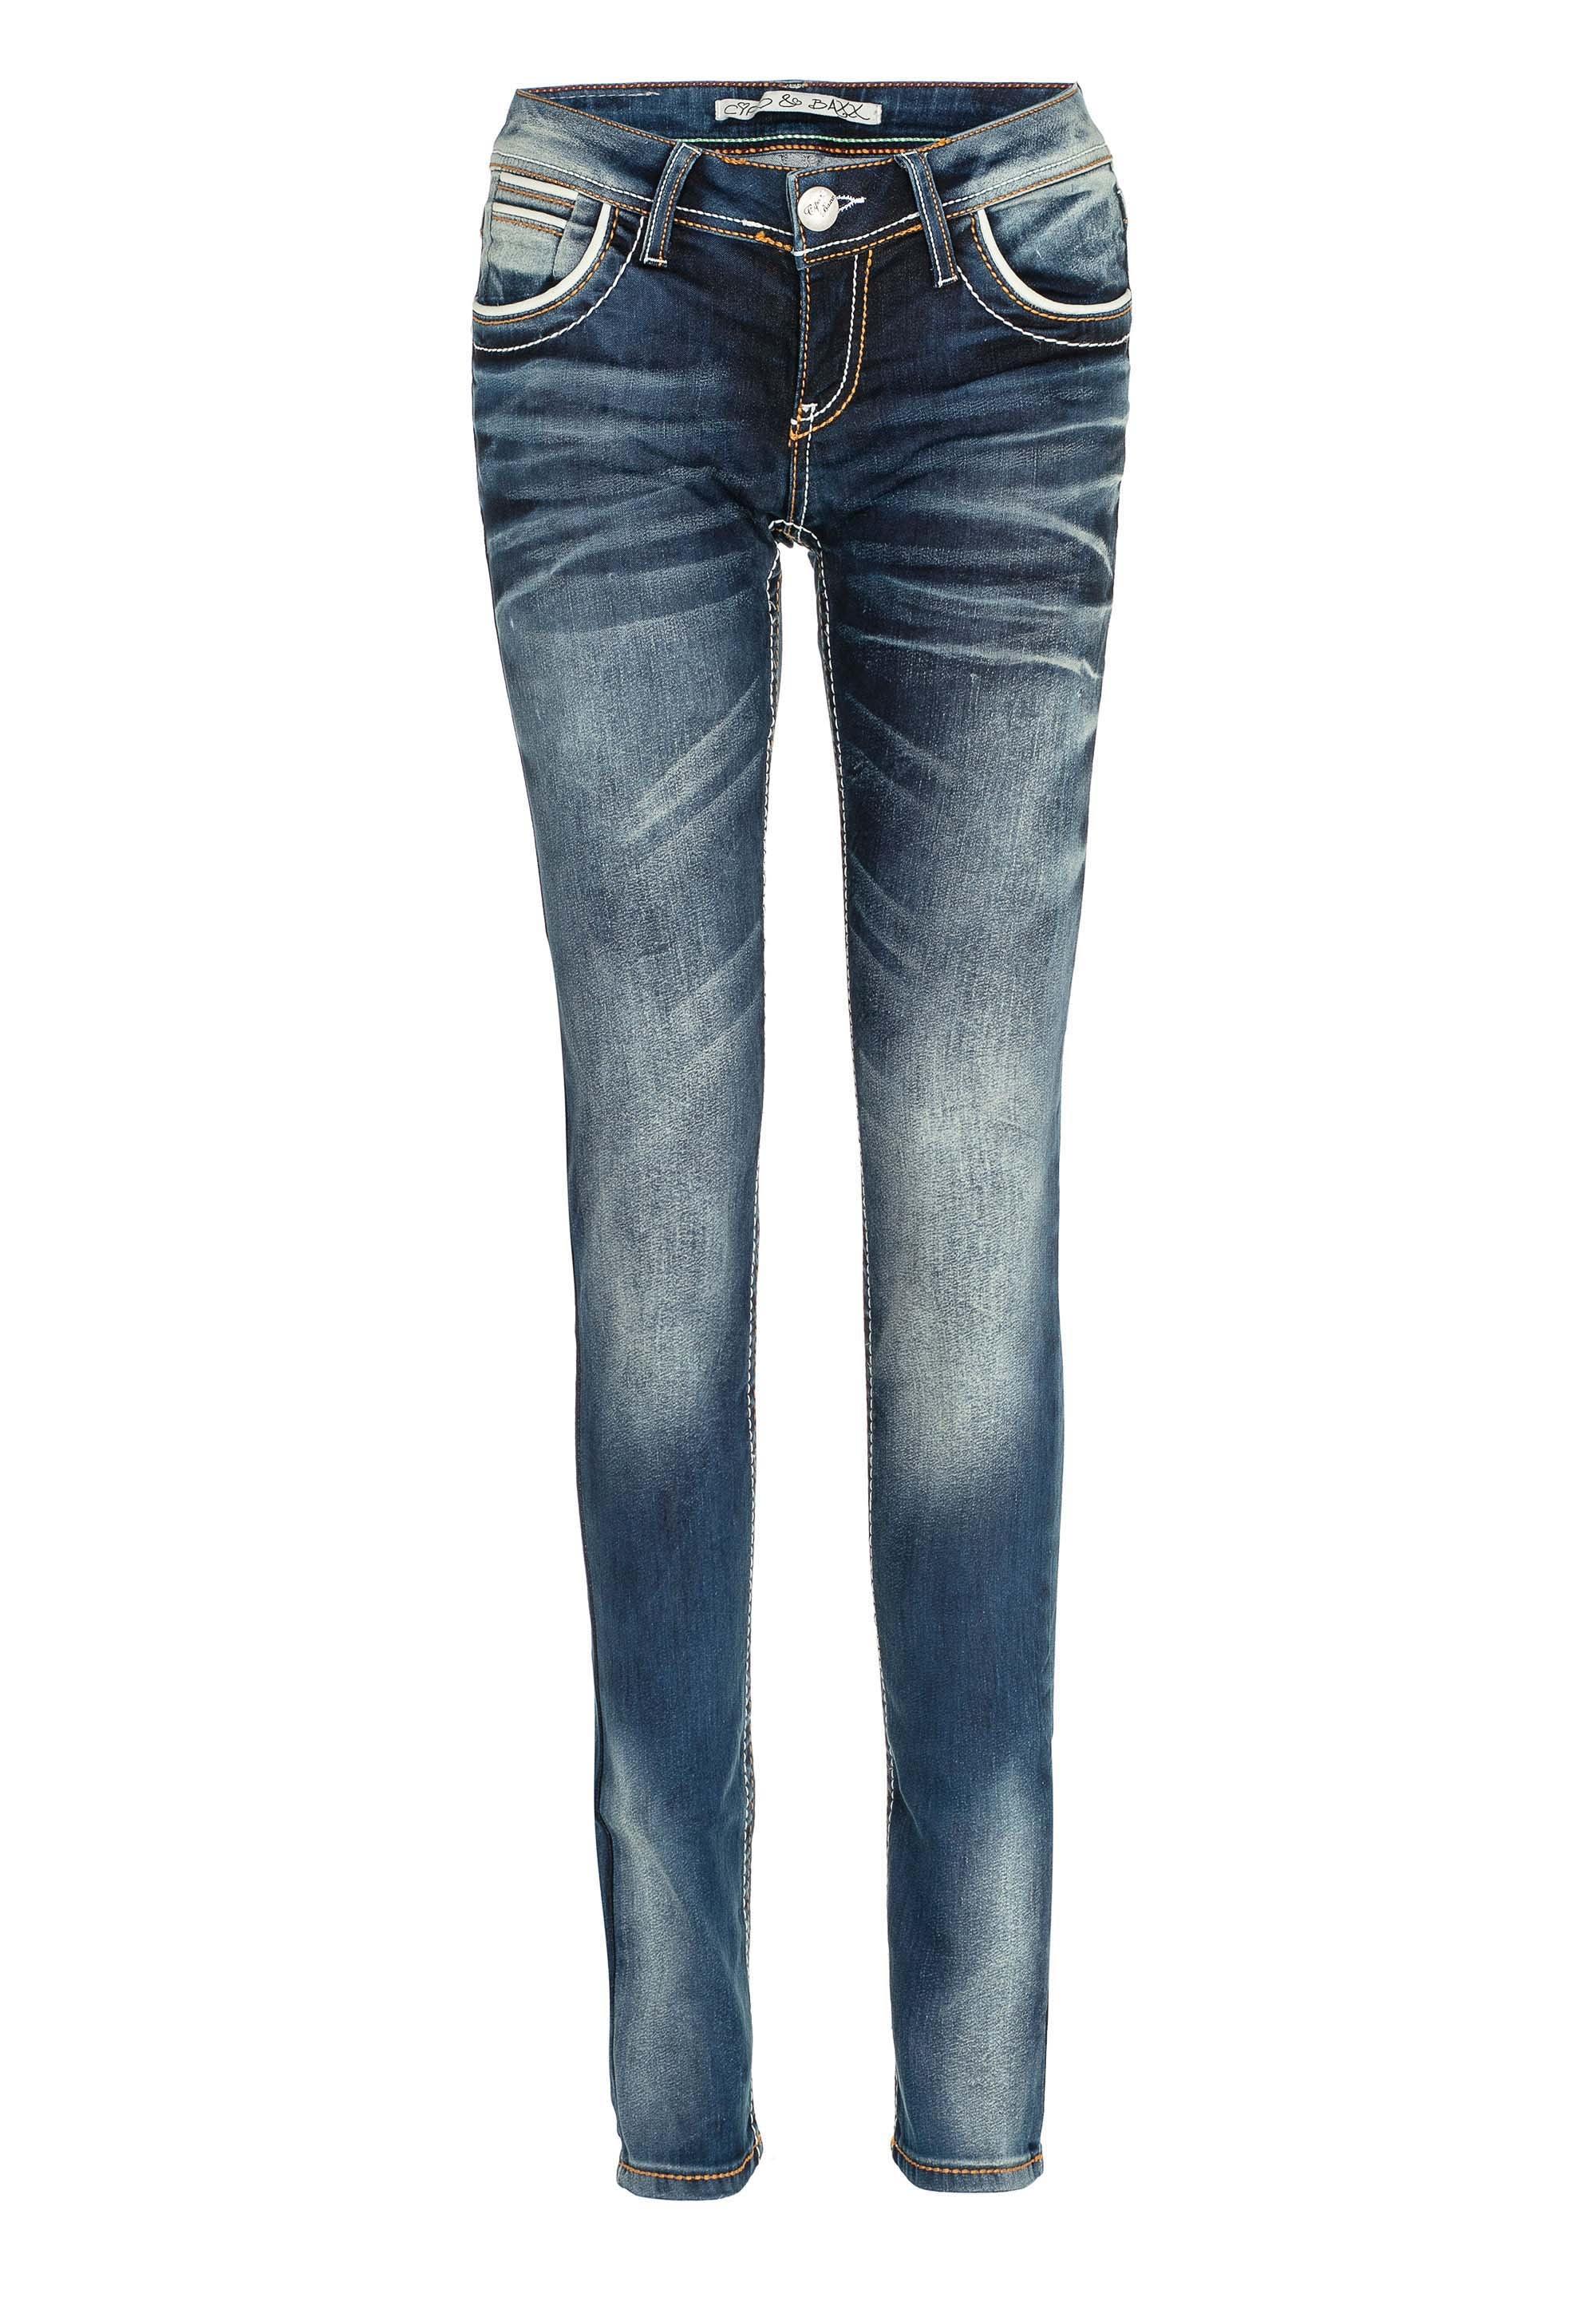 cipo & baxx -  Bequeme Jeans Nancy